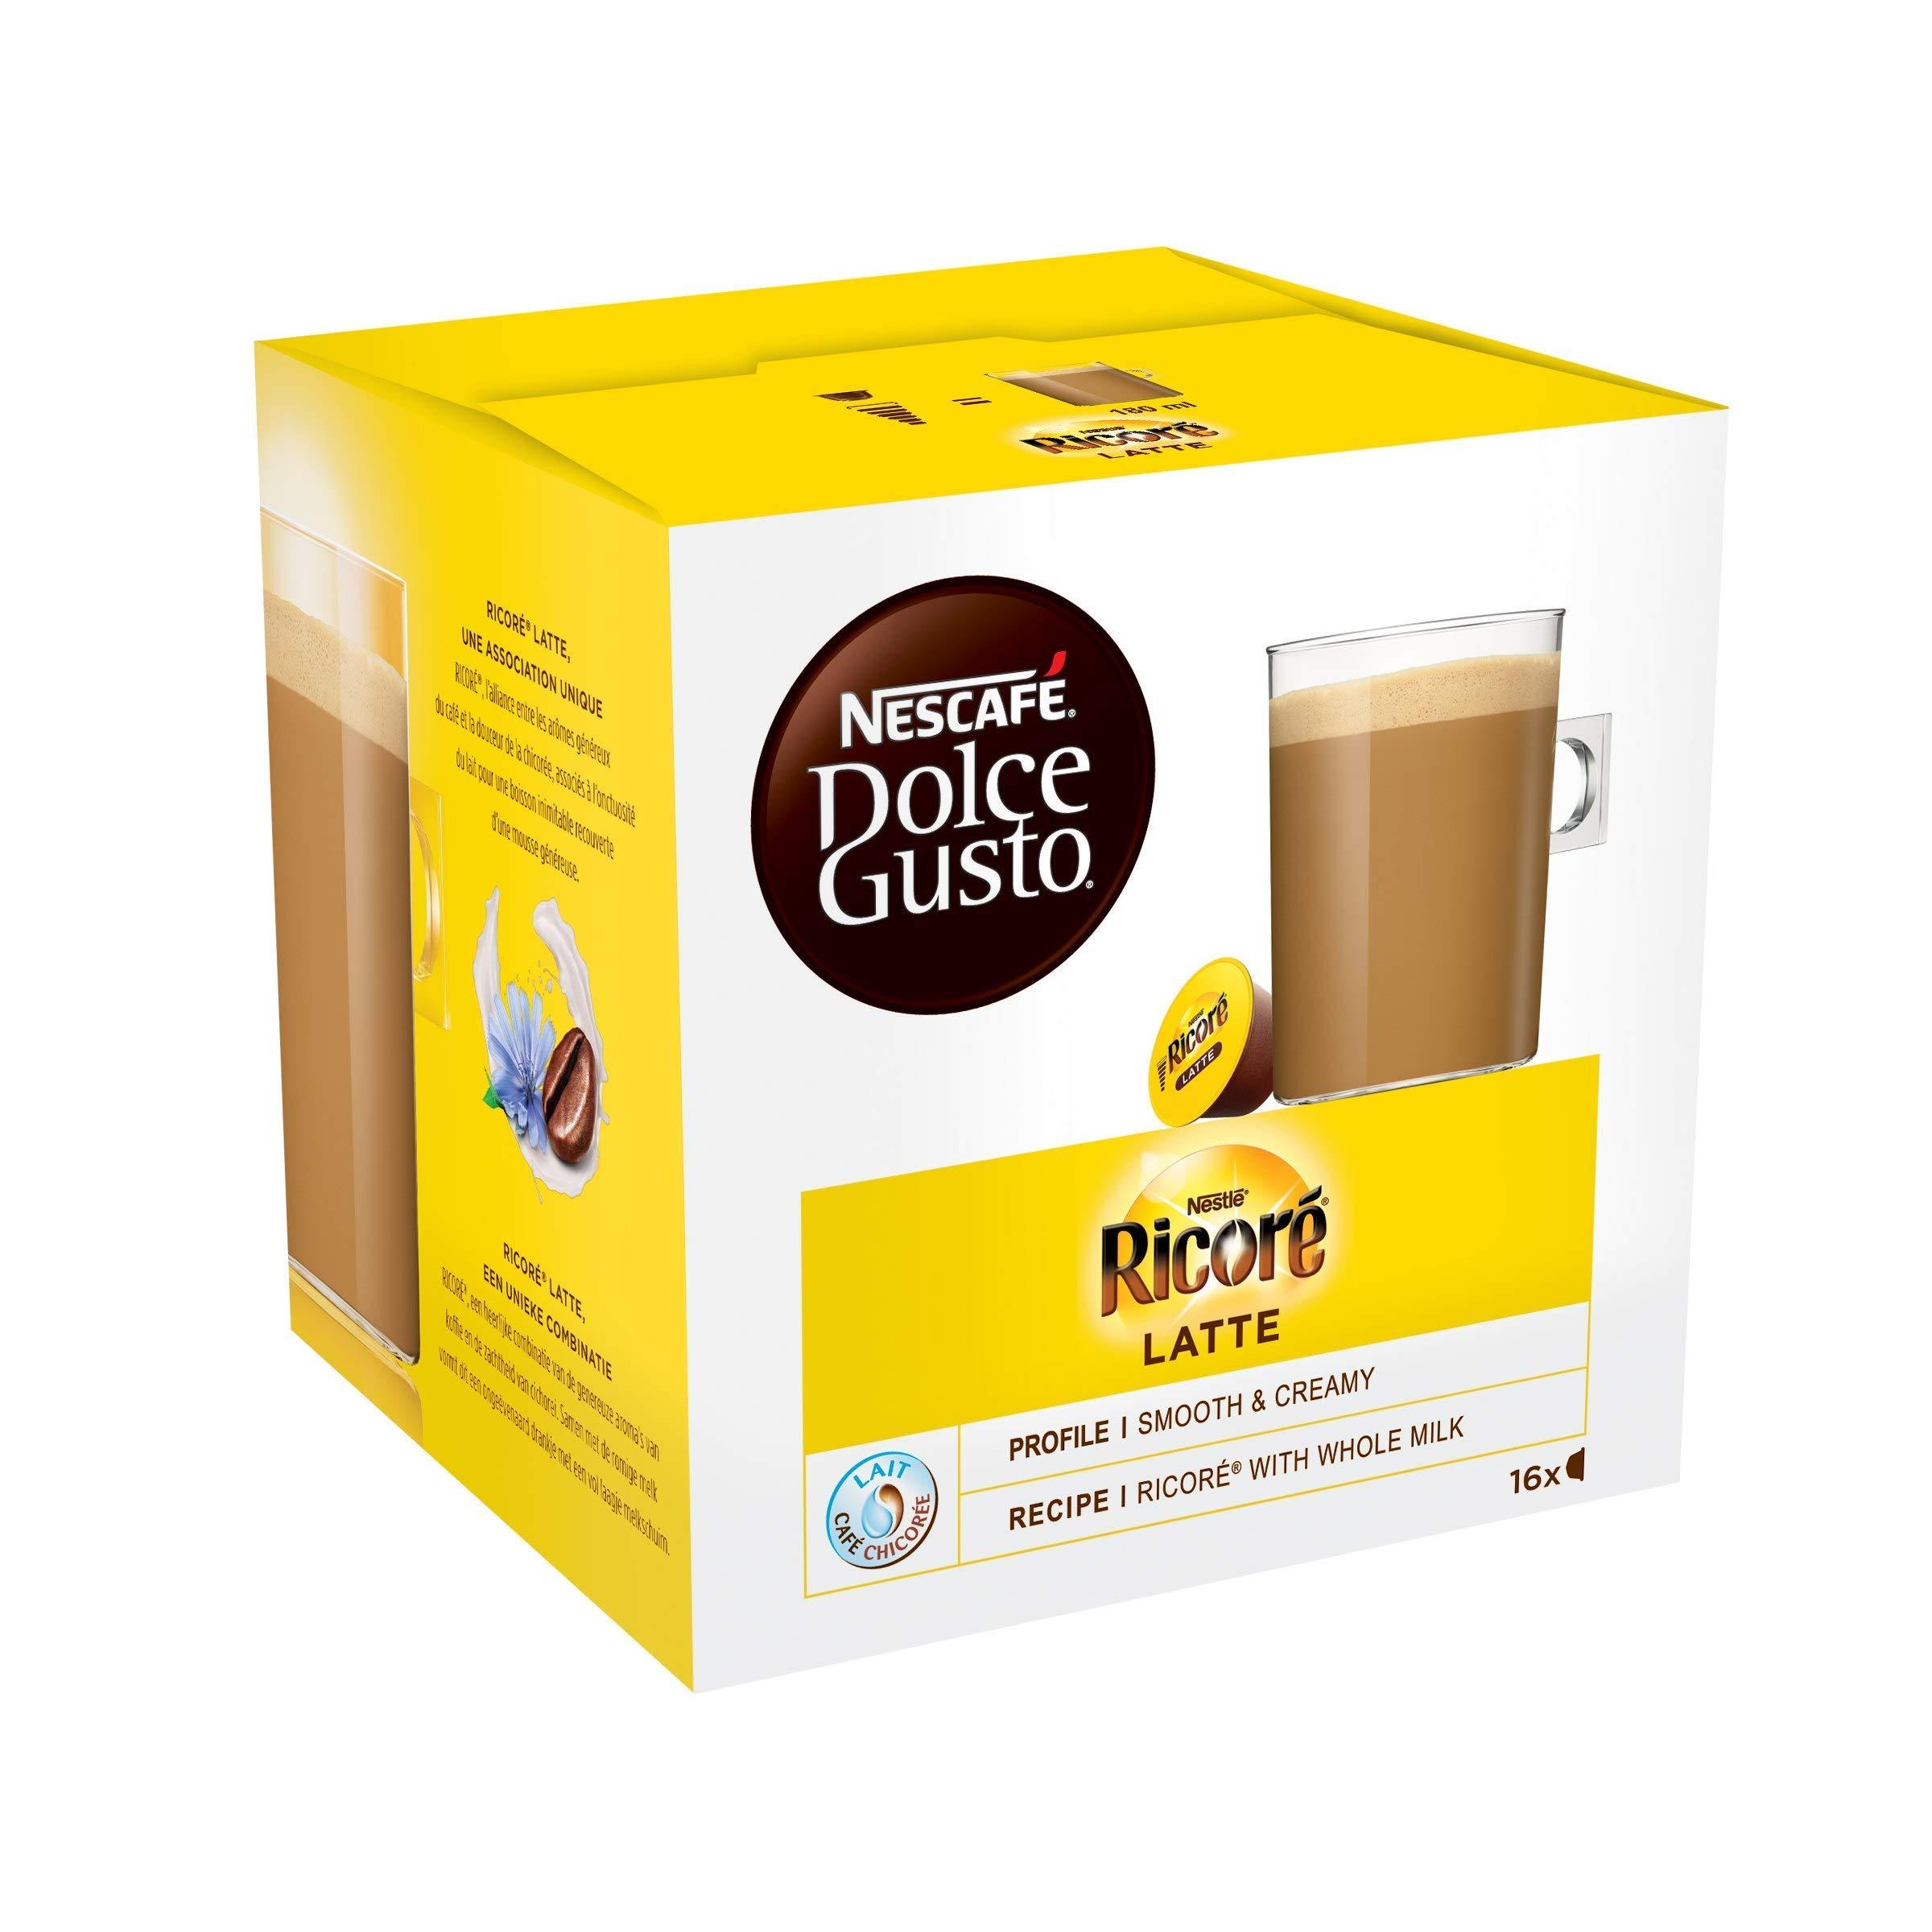 Nescafe Dolce Gusto Ricore Latte - 16 Capsules